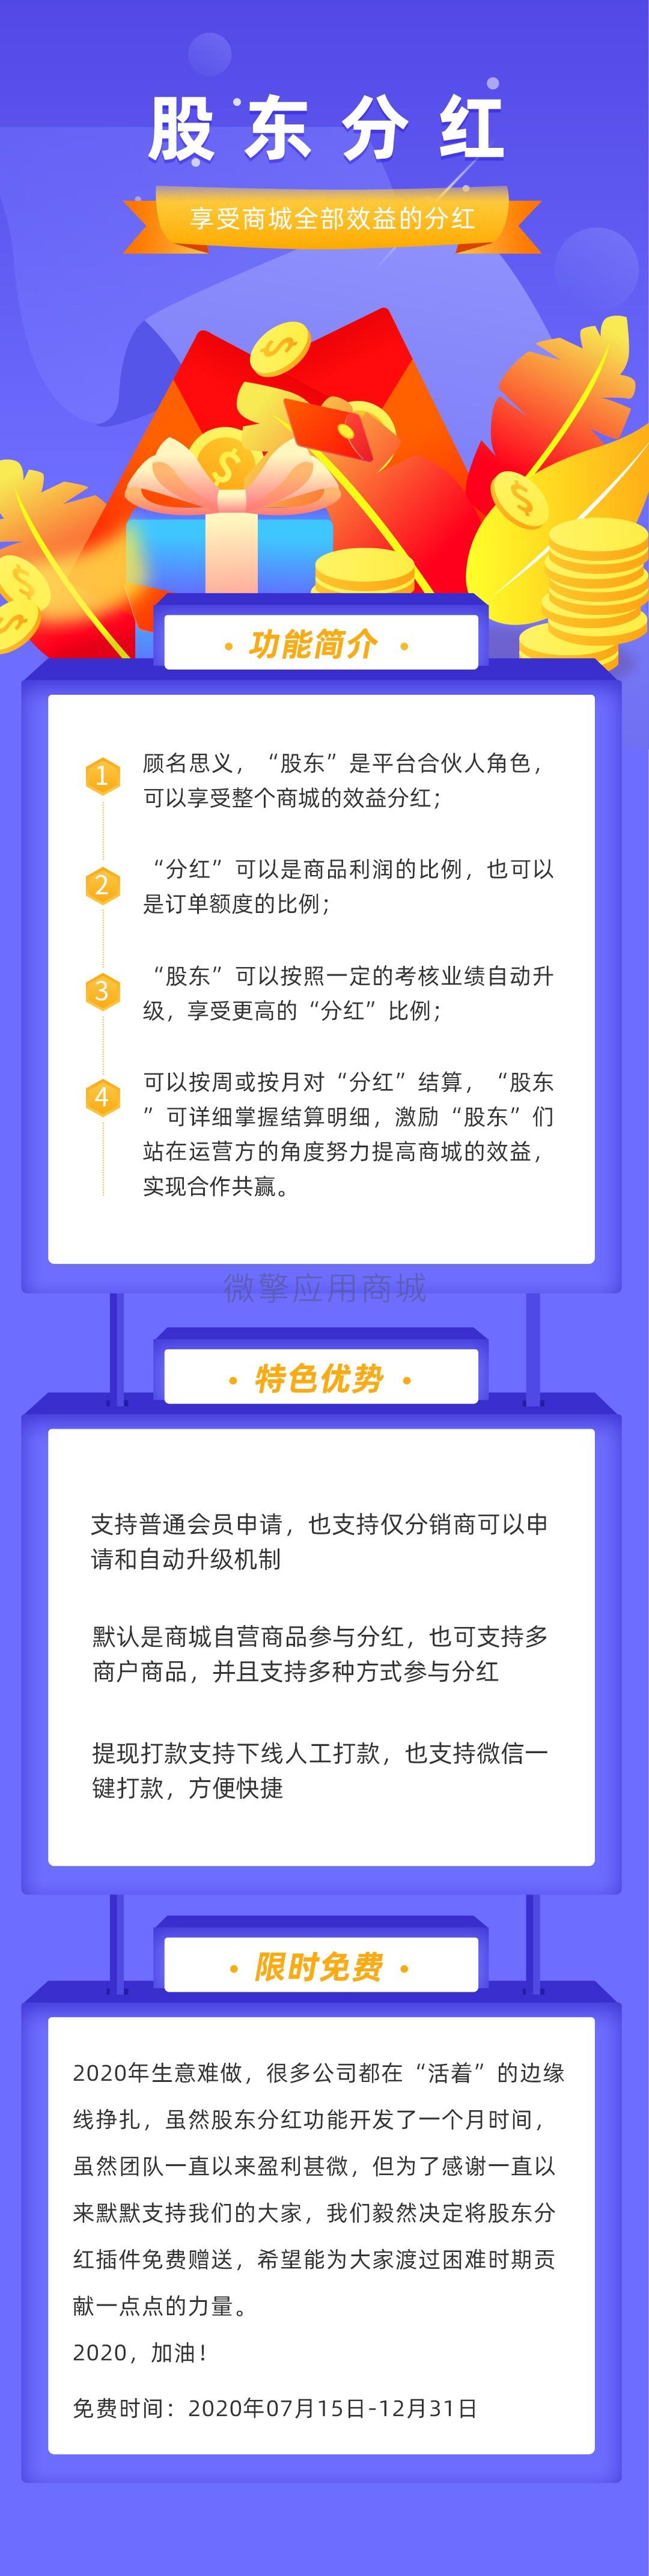 股东分红介绍.jpg